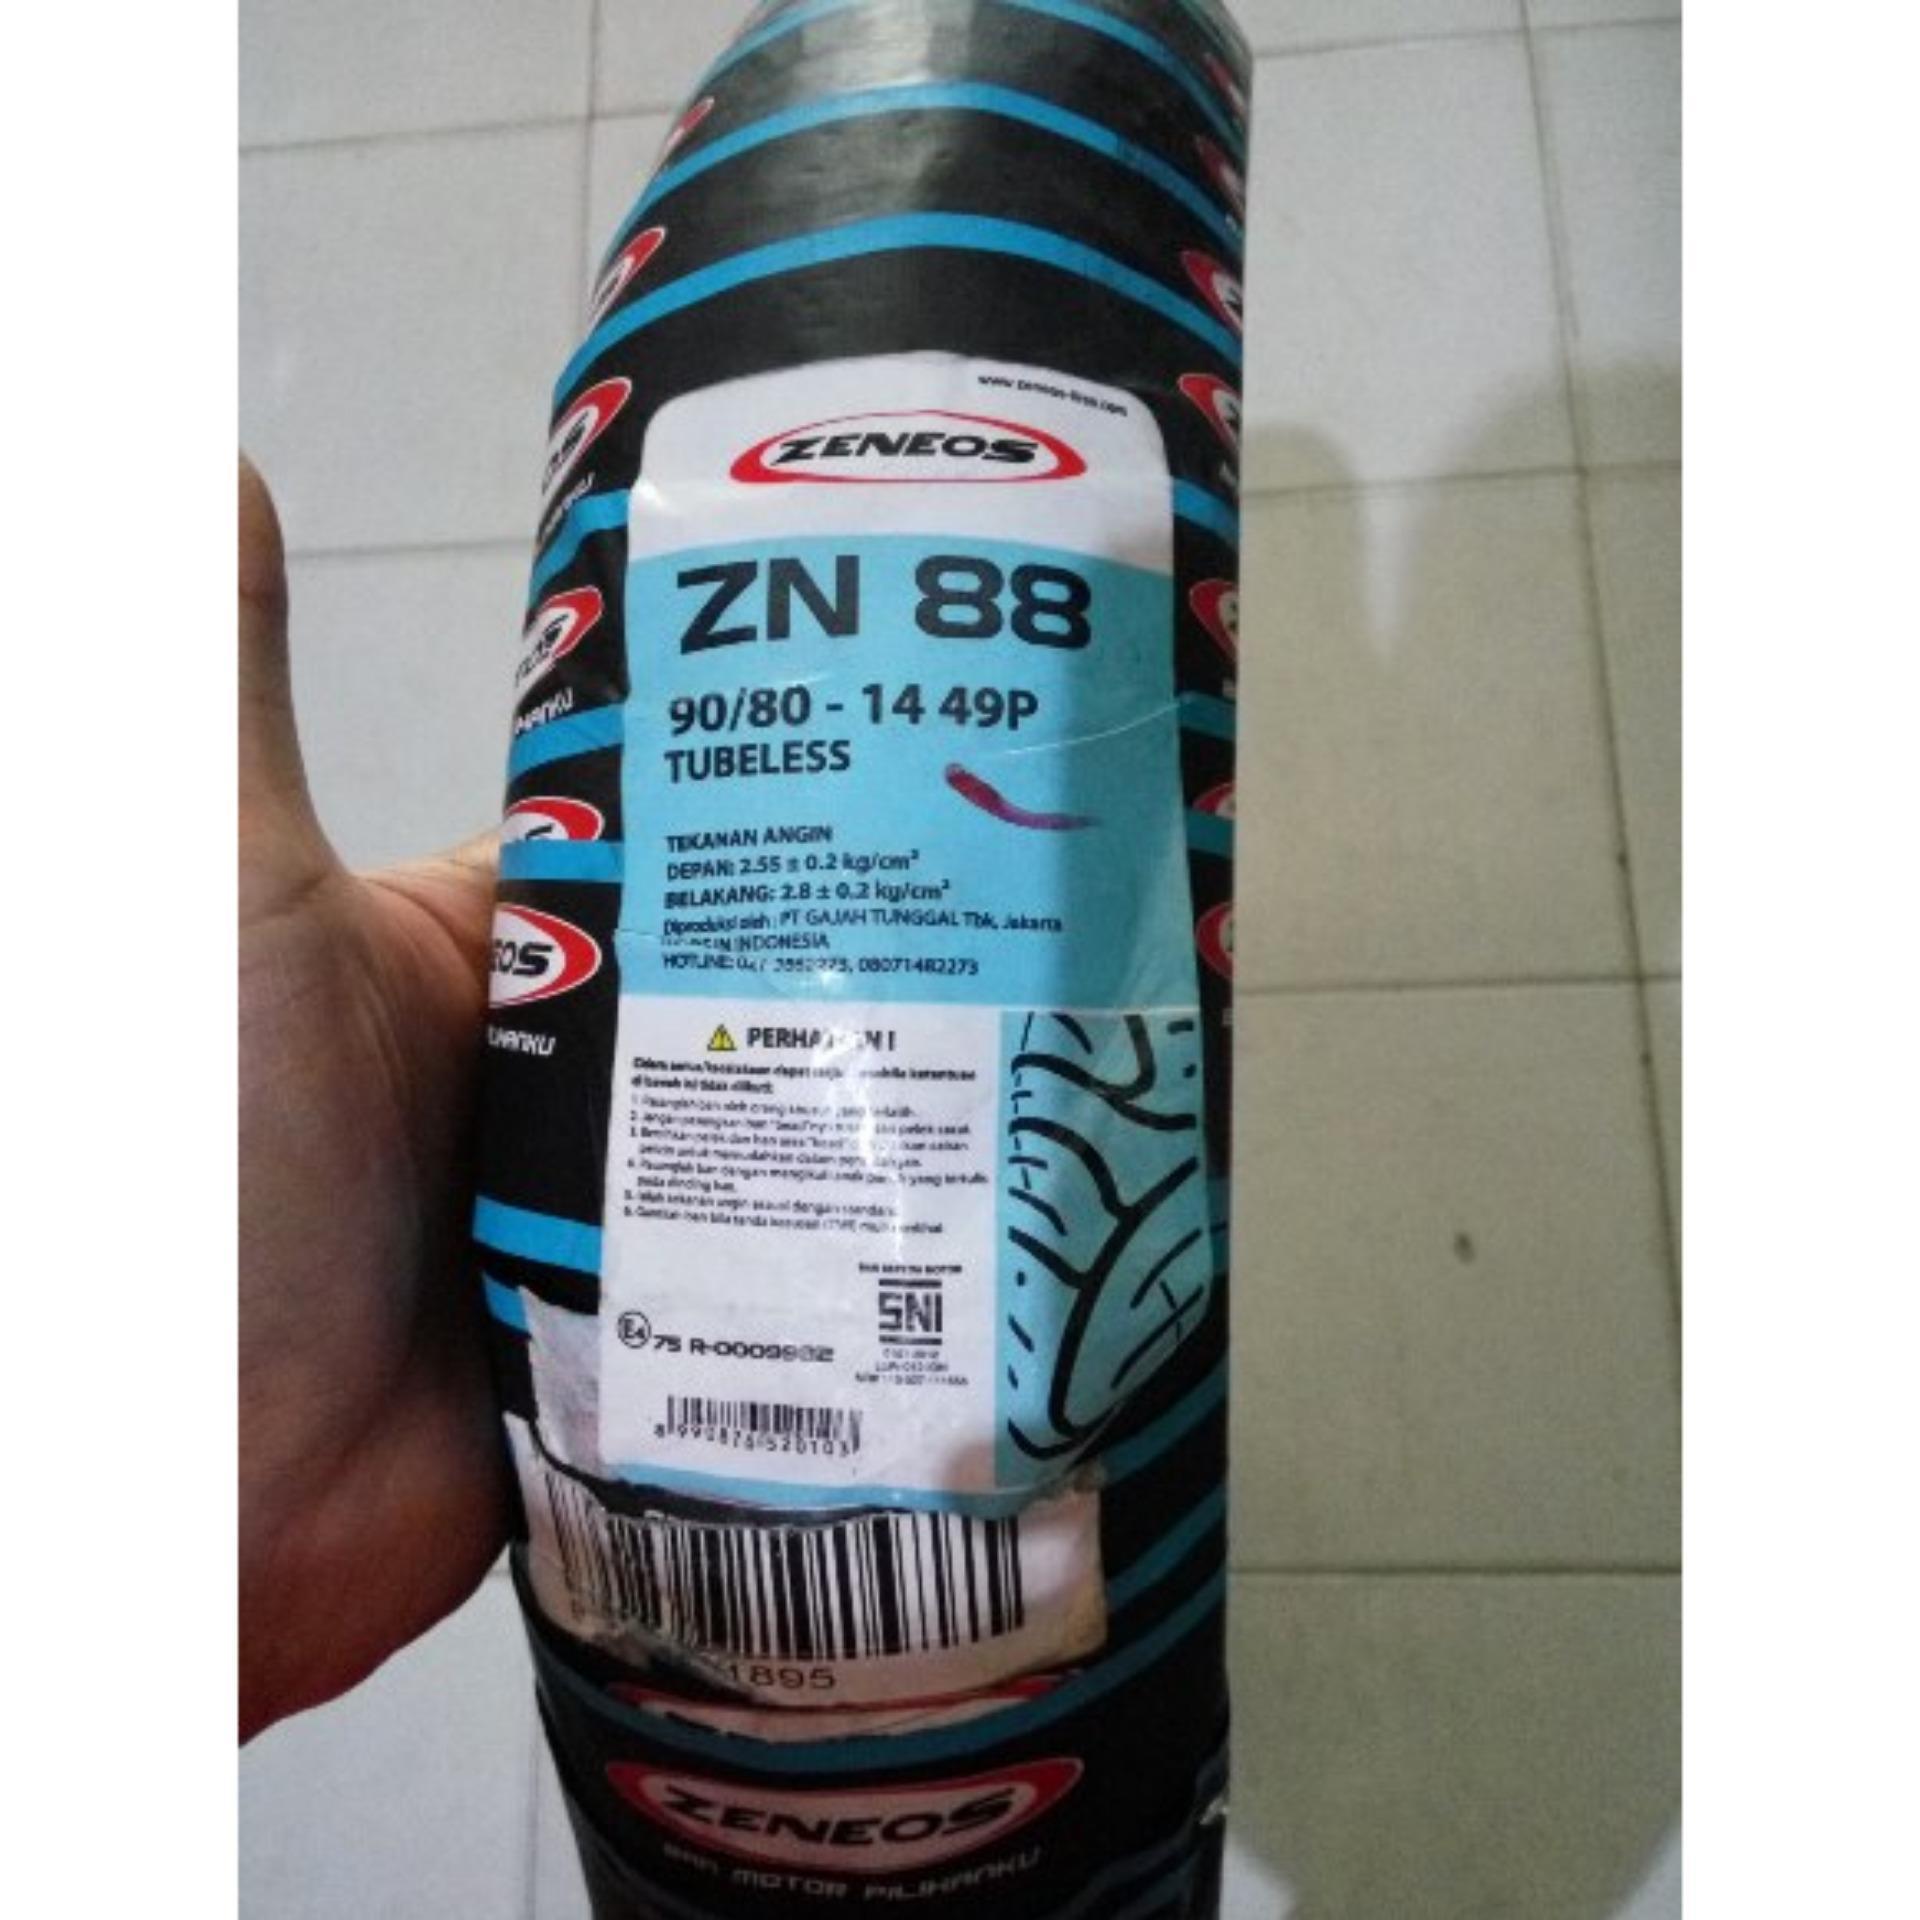 Zeneos Zn 61 908 Daftar Harga Terkini Terlengkap 75 90 80 14 Ban Motor Tubeless Detail Gambar 88 Metic Bonus Pentil